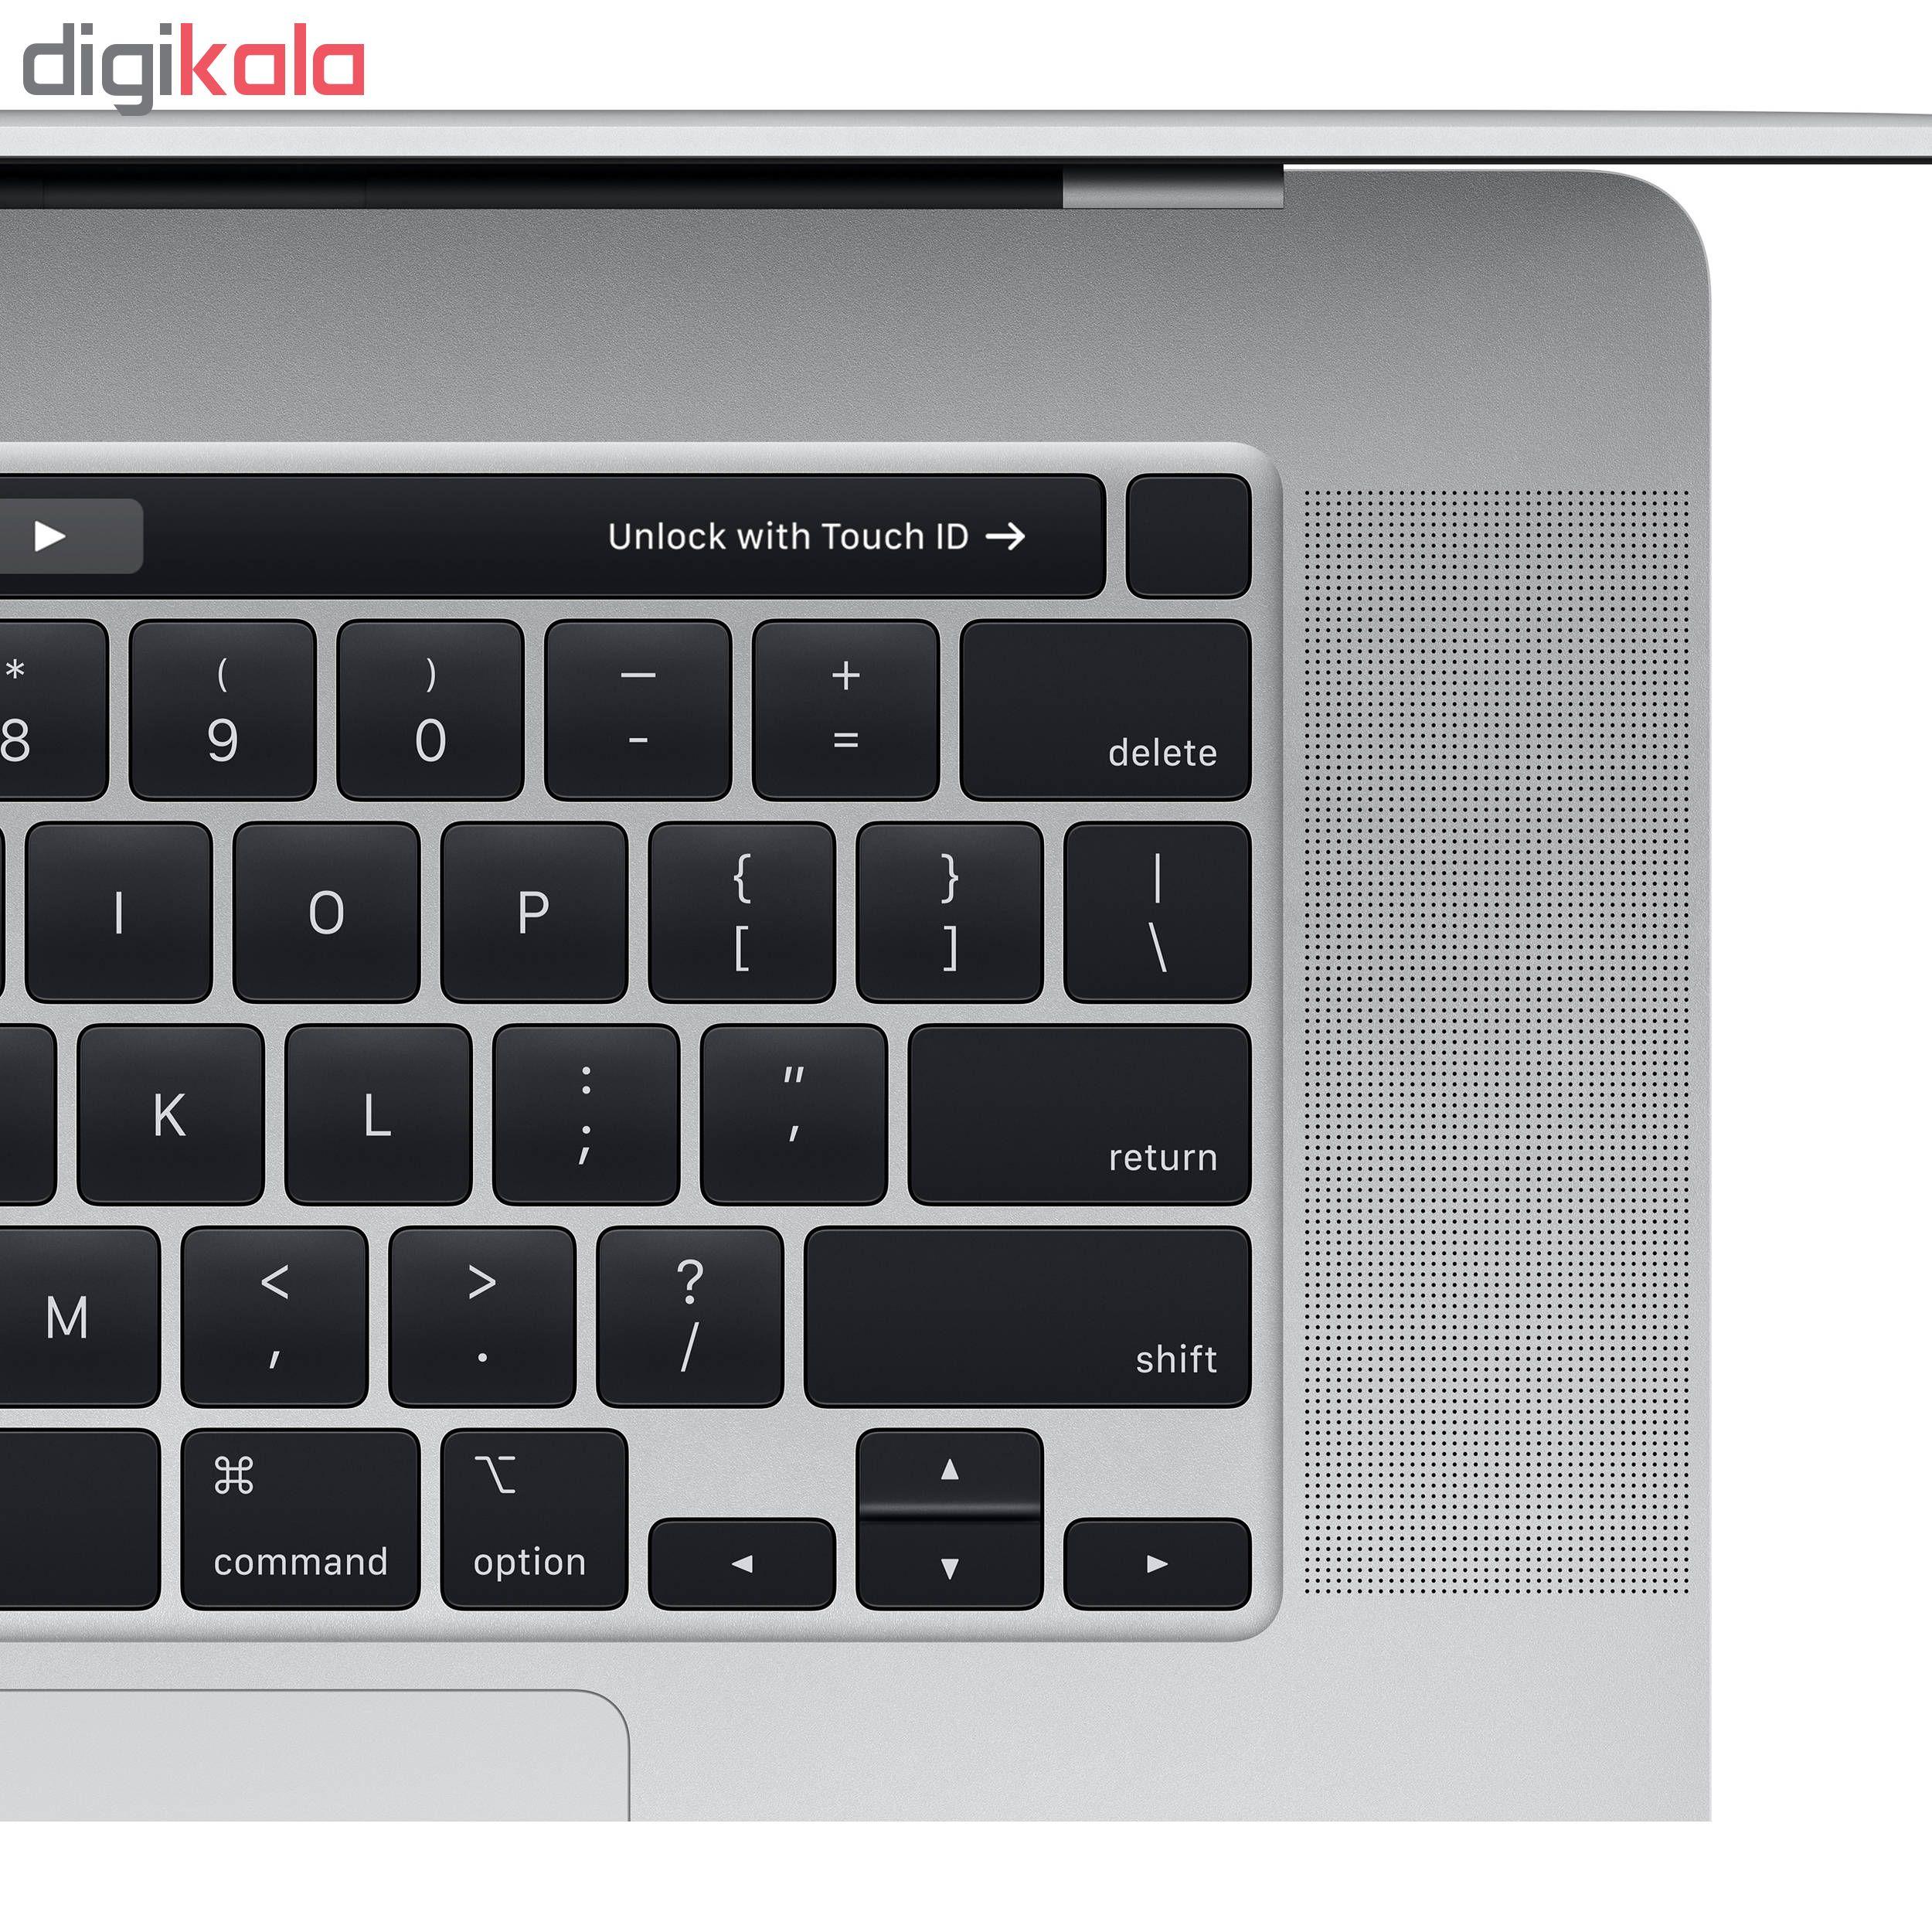 لپ تاپ 16 اینچی اپل مدل MacBook Pro MVVL2 2019 همراه با تاچ بار main 1 4